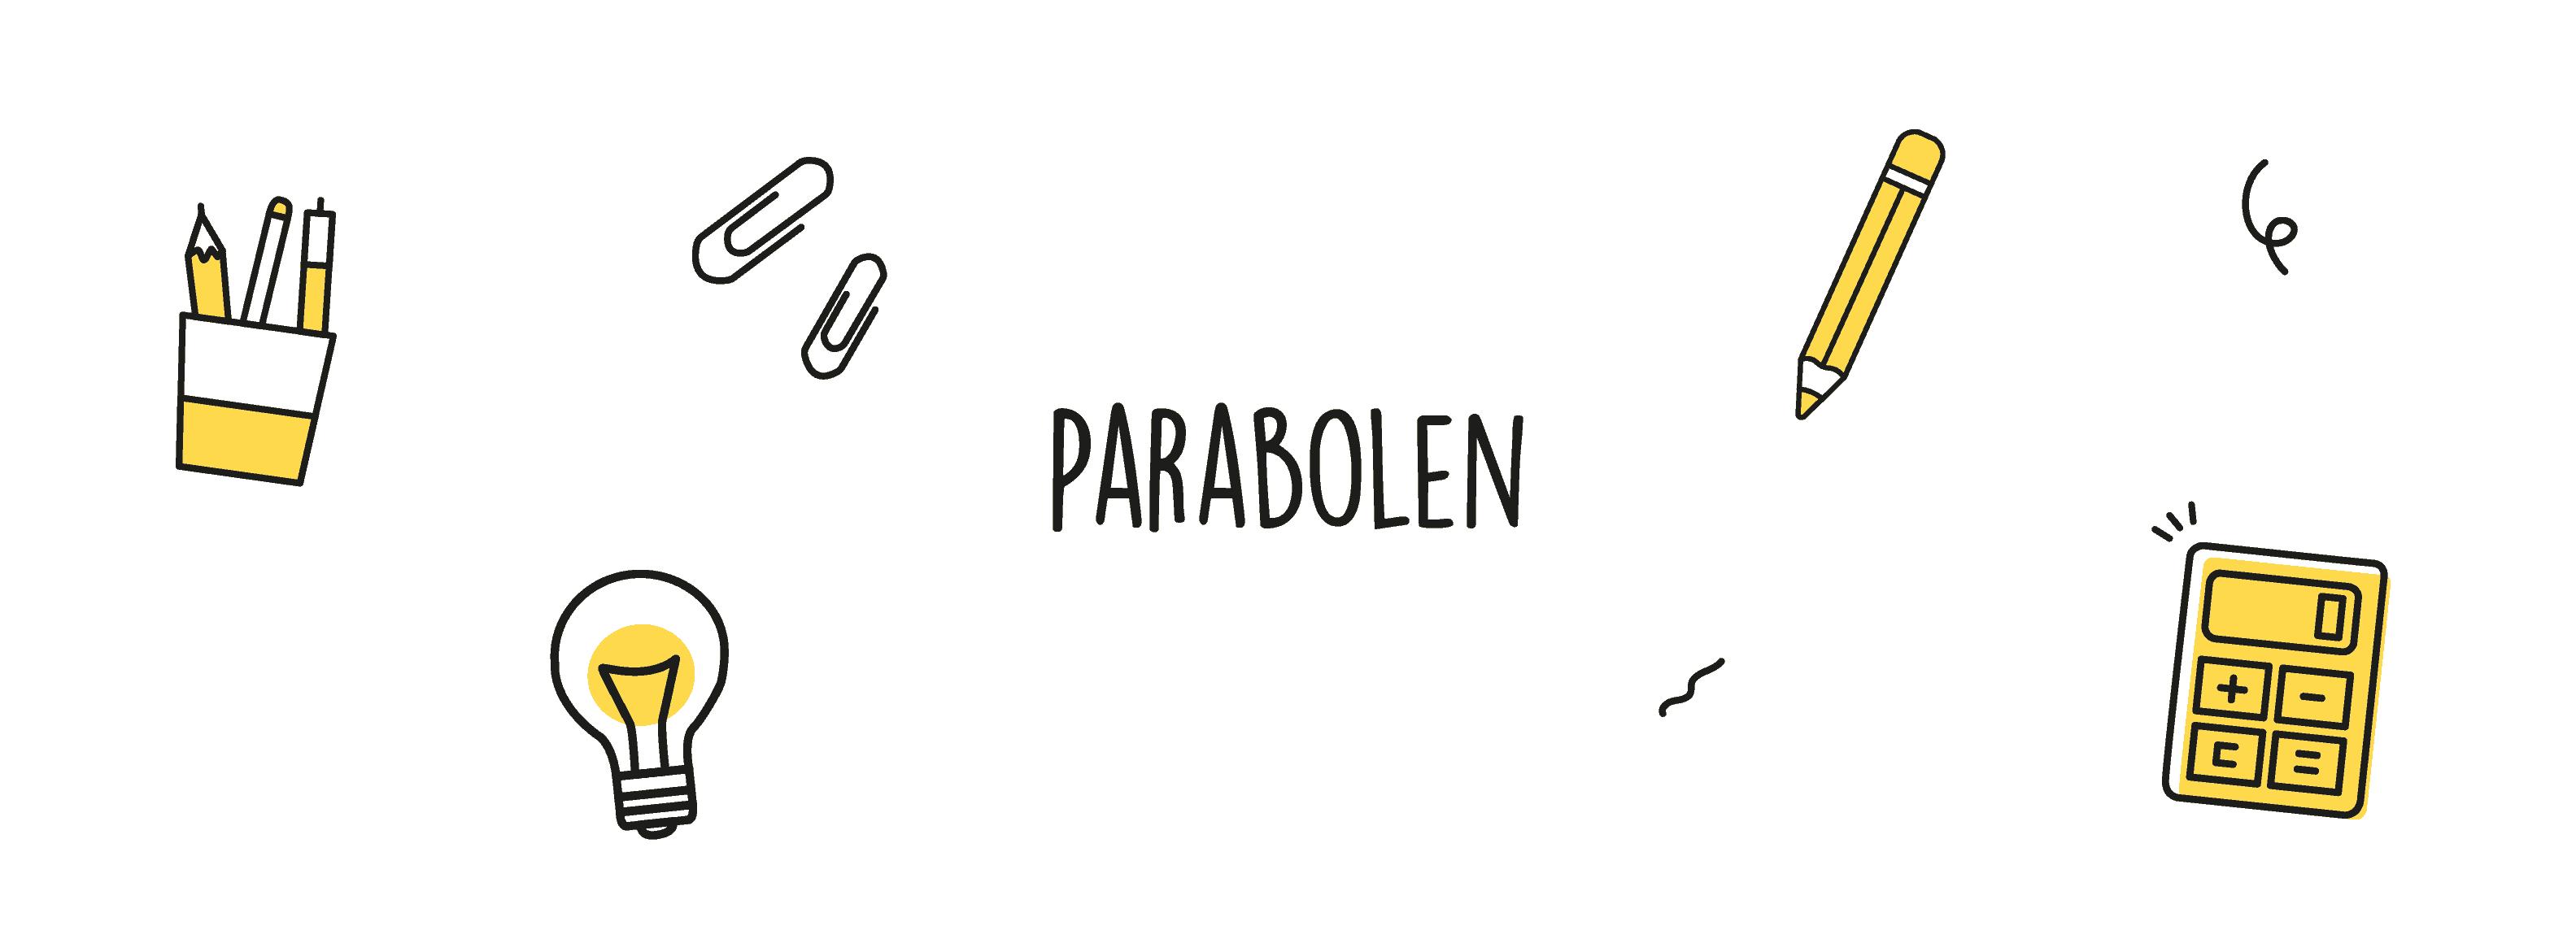 Parabolen